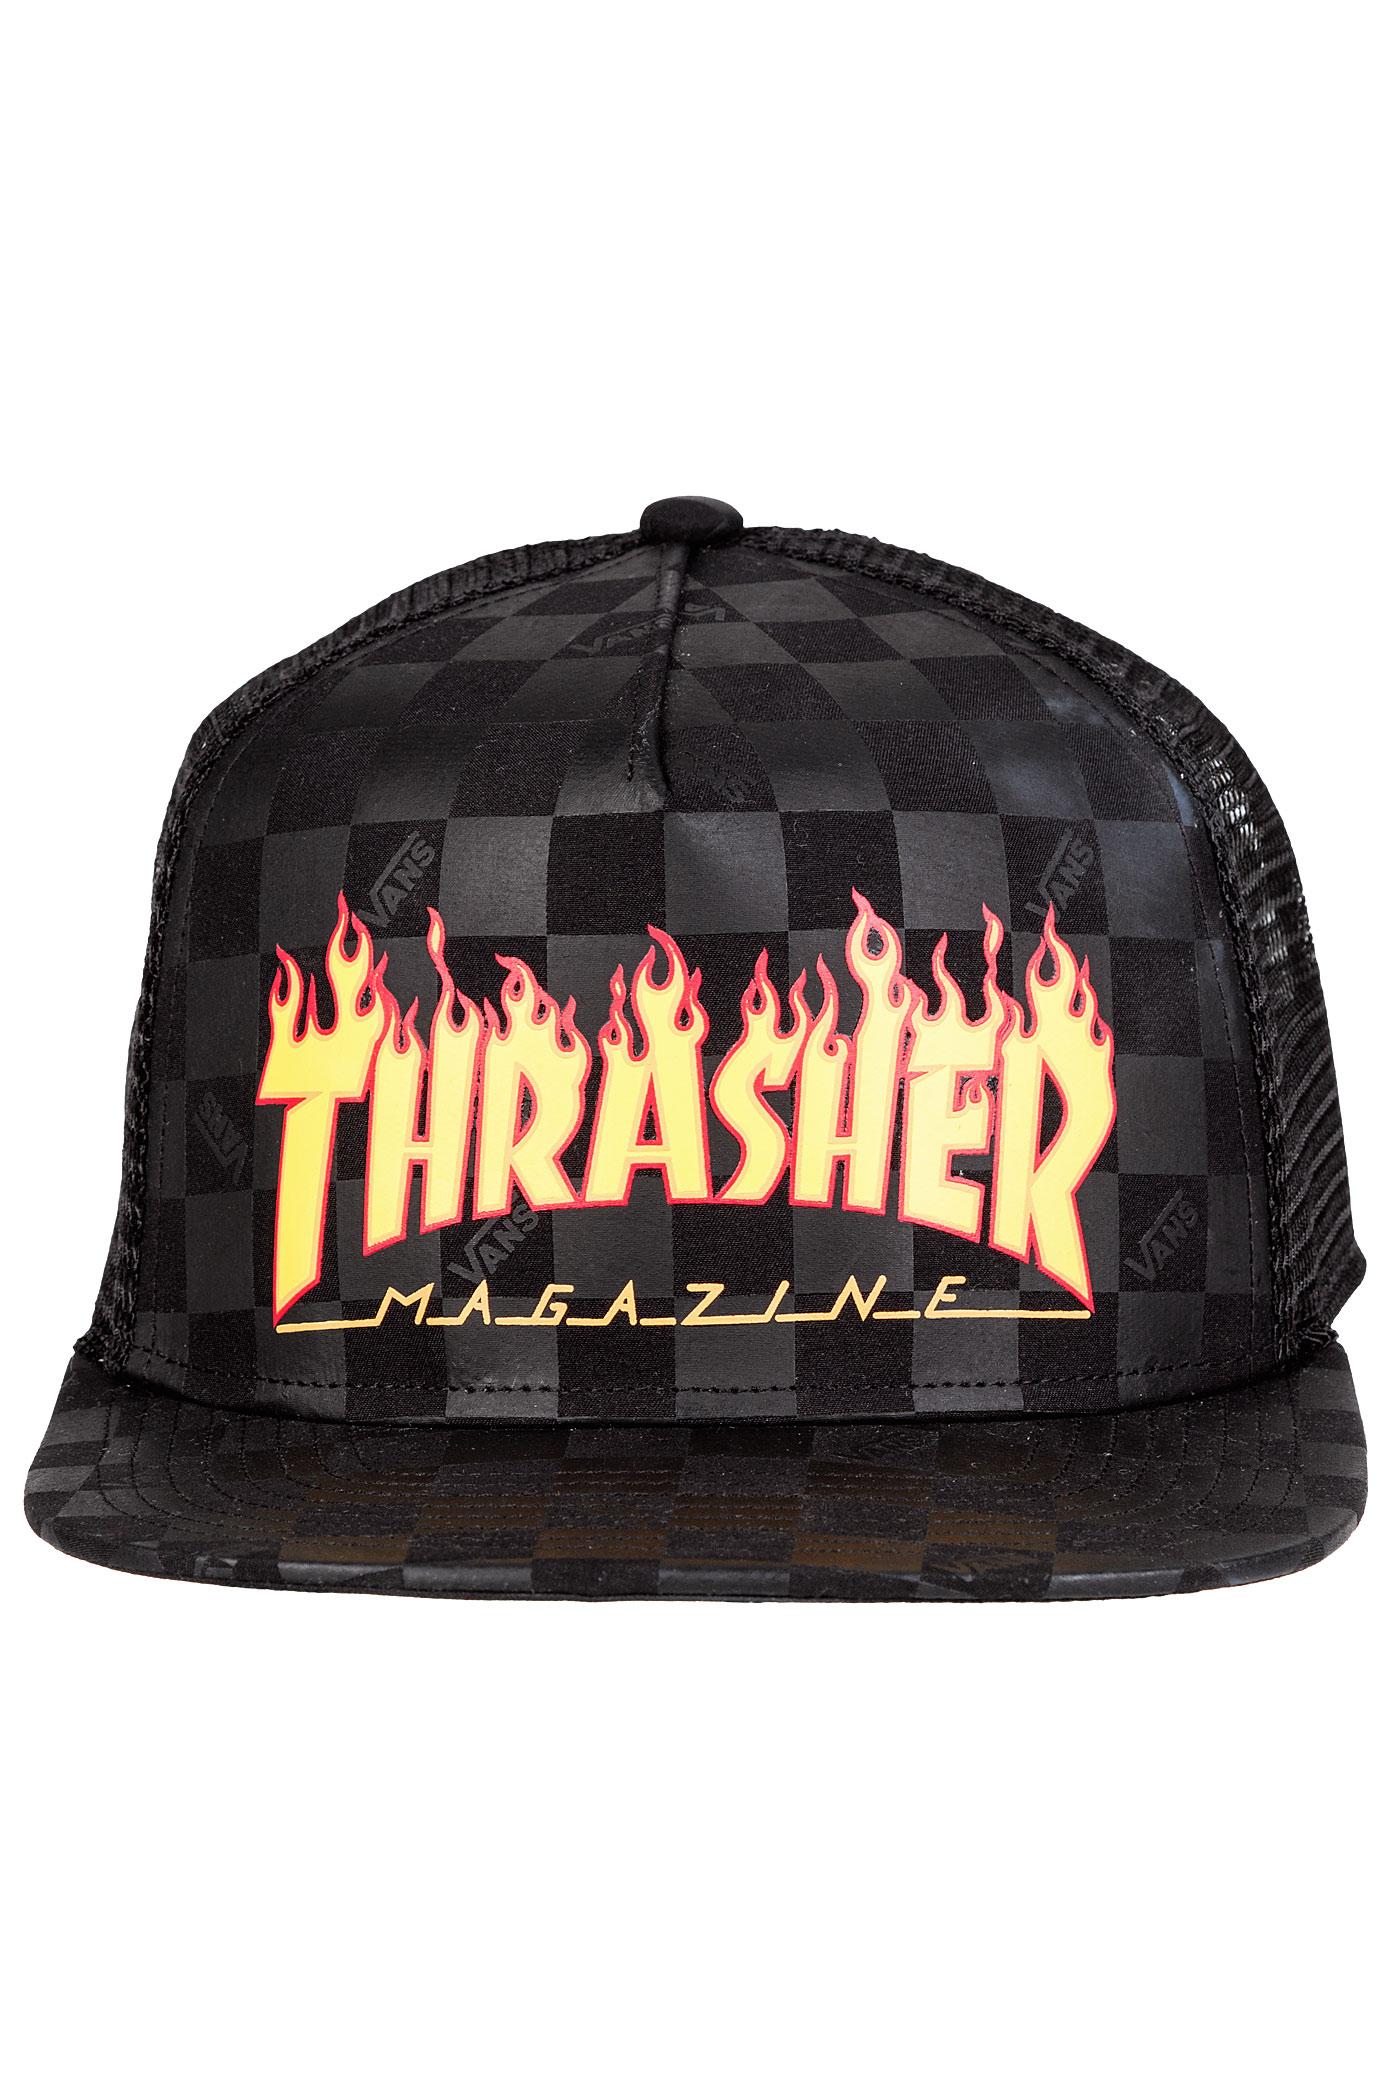 33e060c4b2d Vans x Thrasher Trucker Cap (black) buy at skatedeluxe